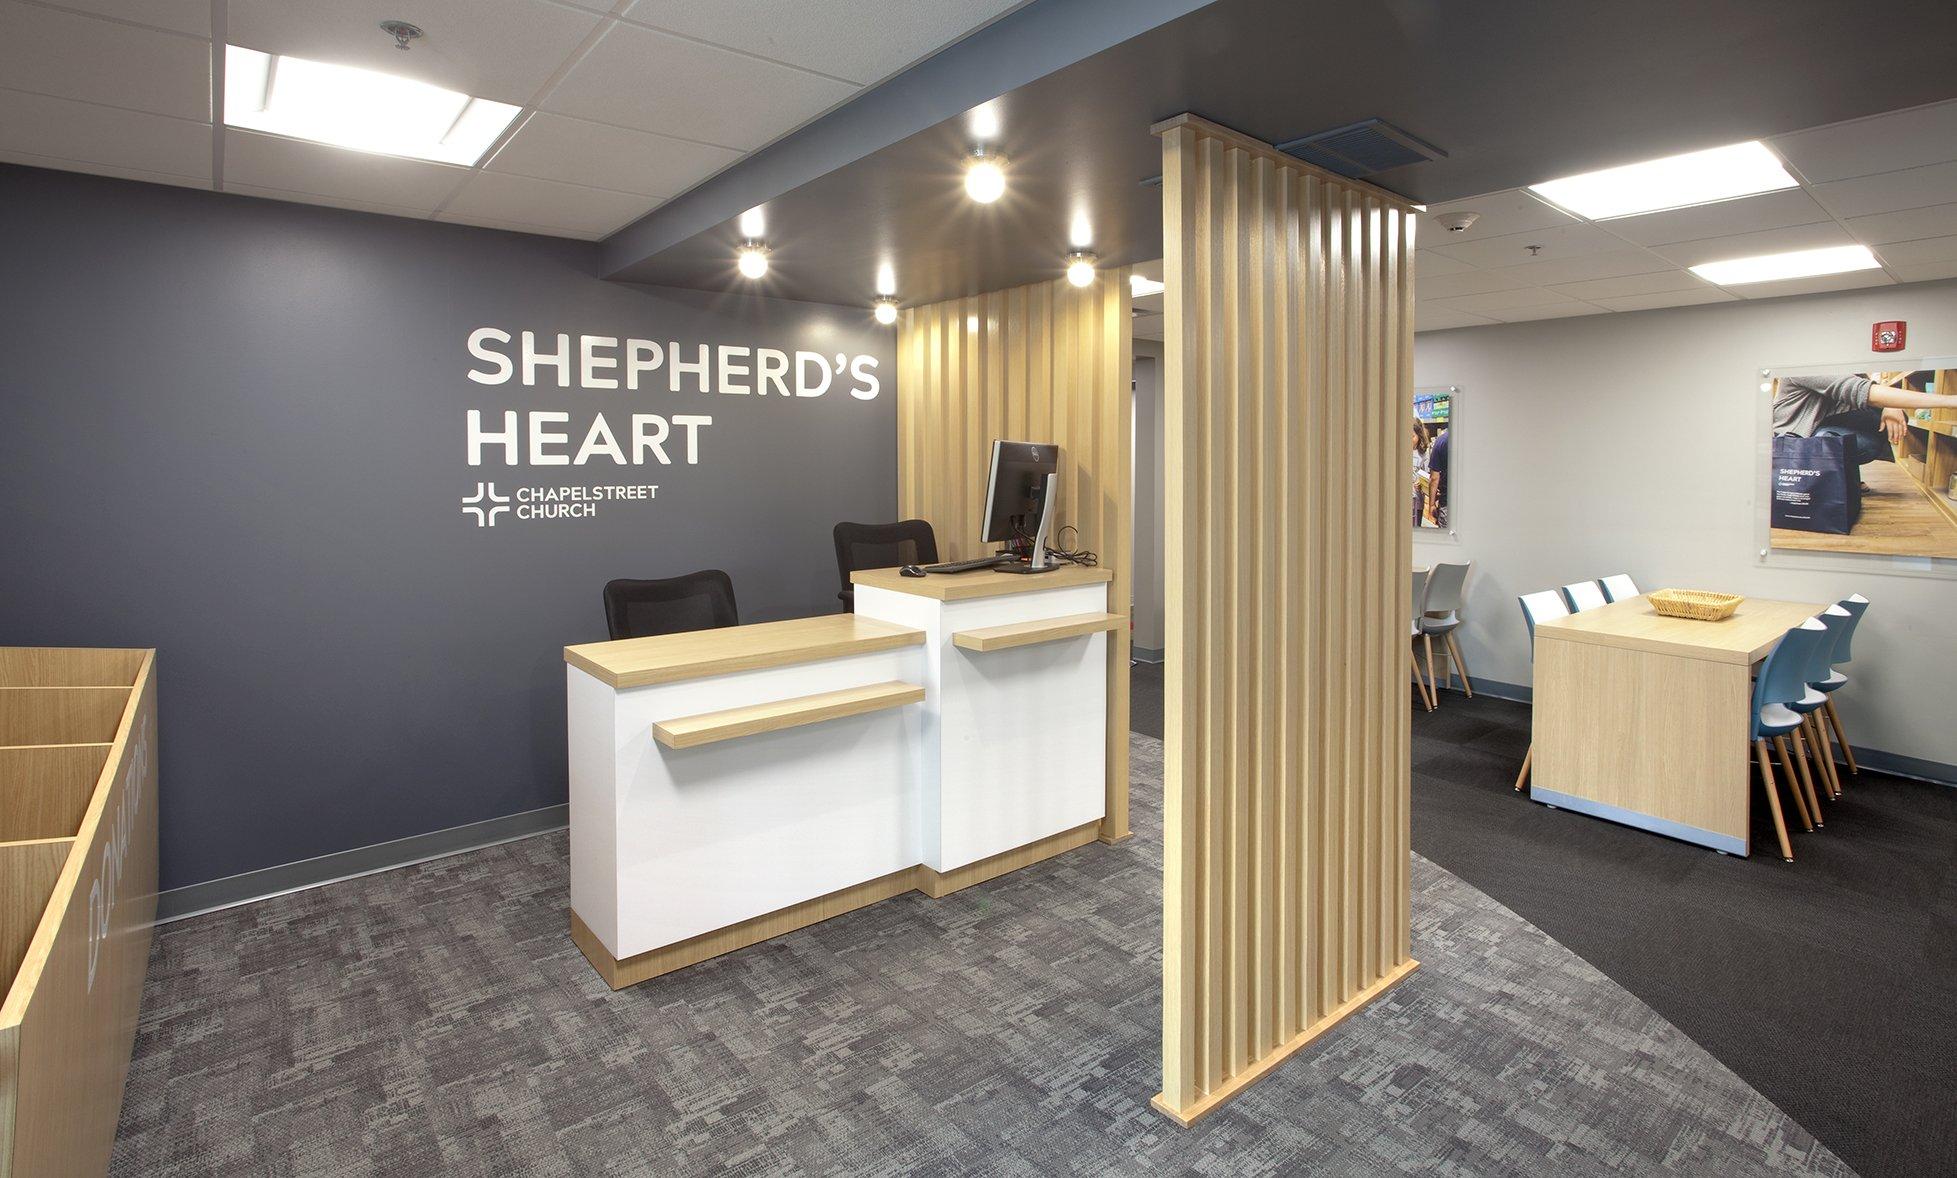 chapelstreet-shepherds-heart-entry-2-web